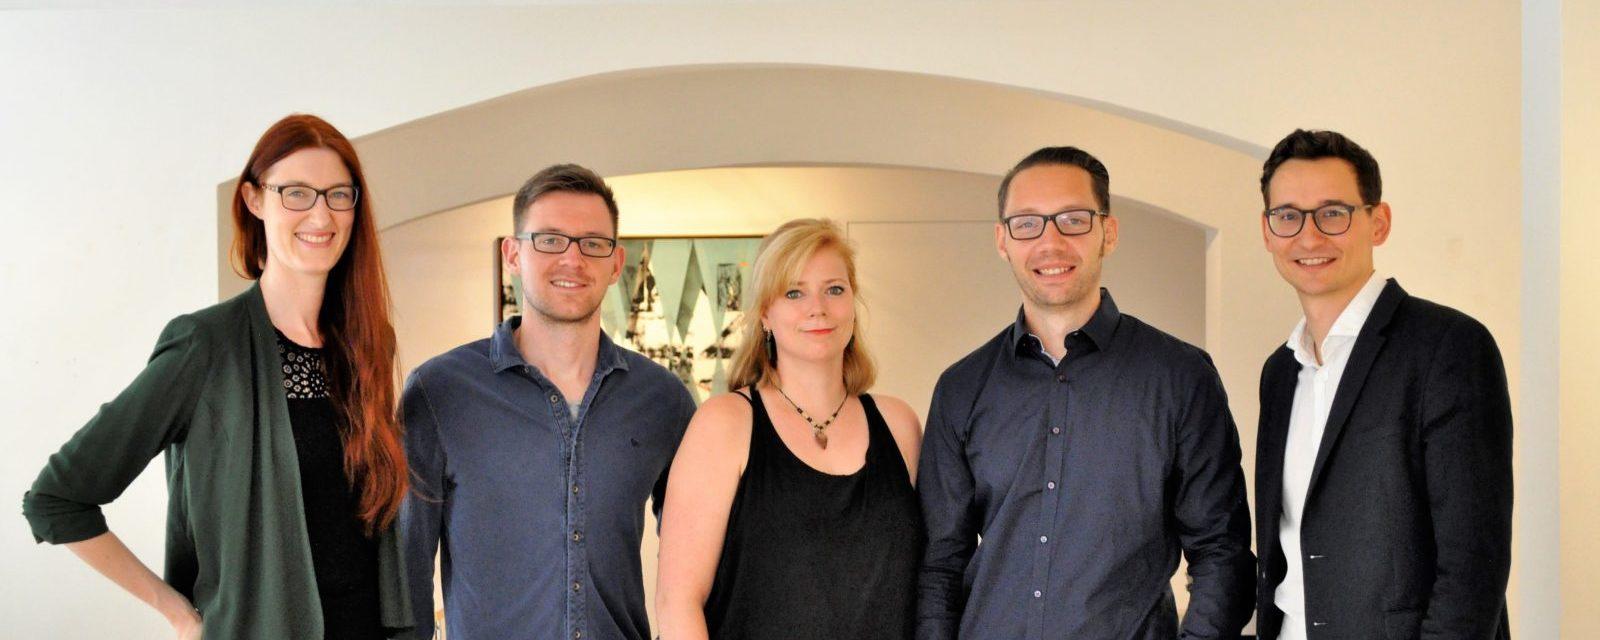 Wir sind Erster! Kanzlei KTR gewinnt Gründerpreis